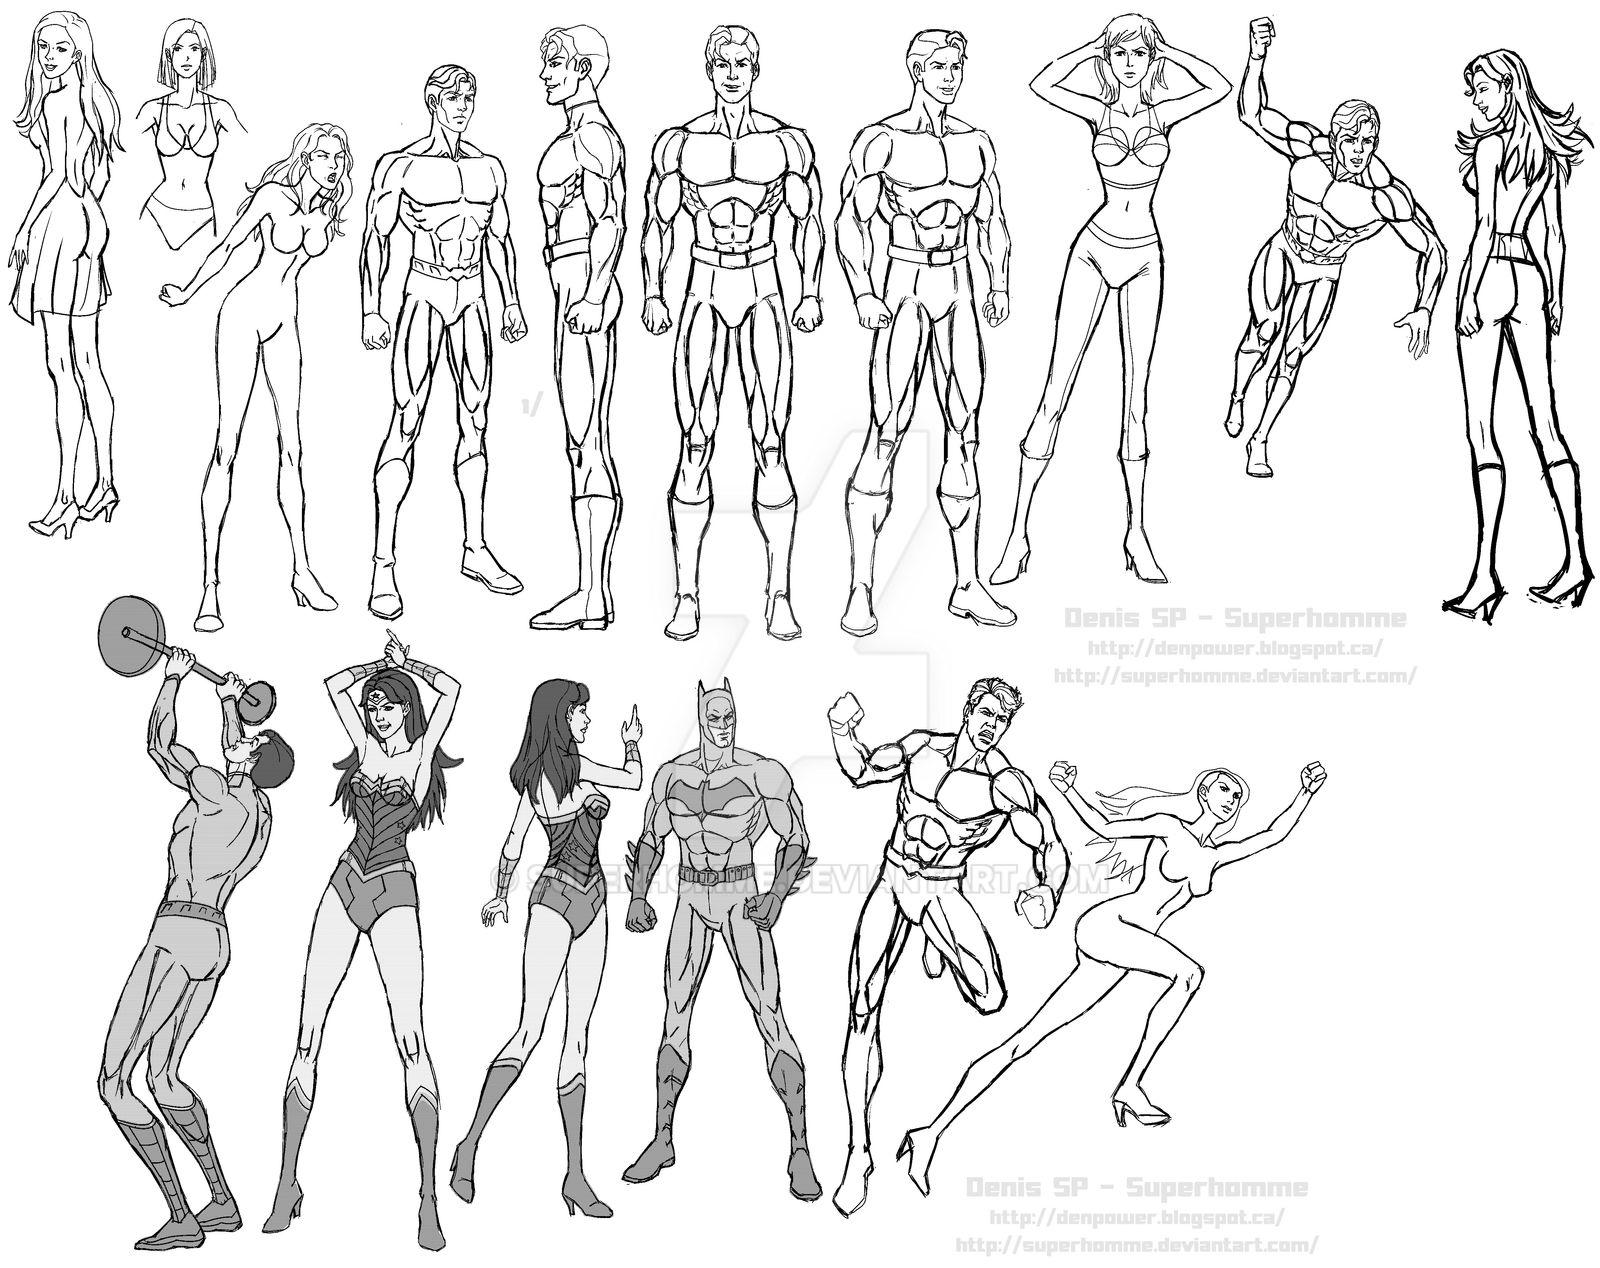 Sketch: Mens and Womens - Superheros